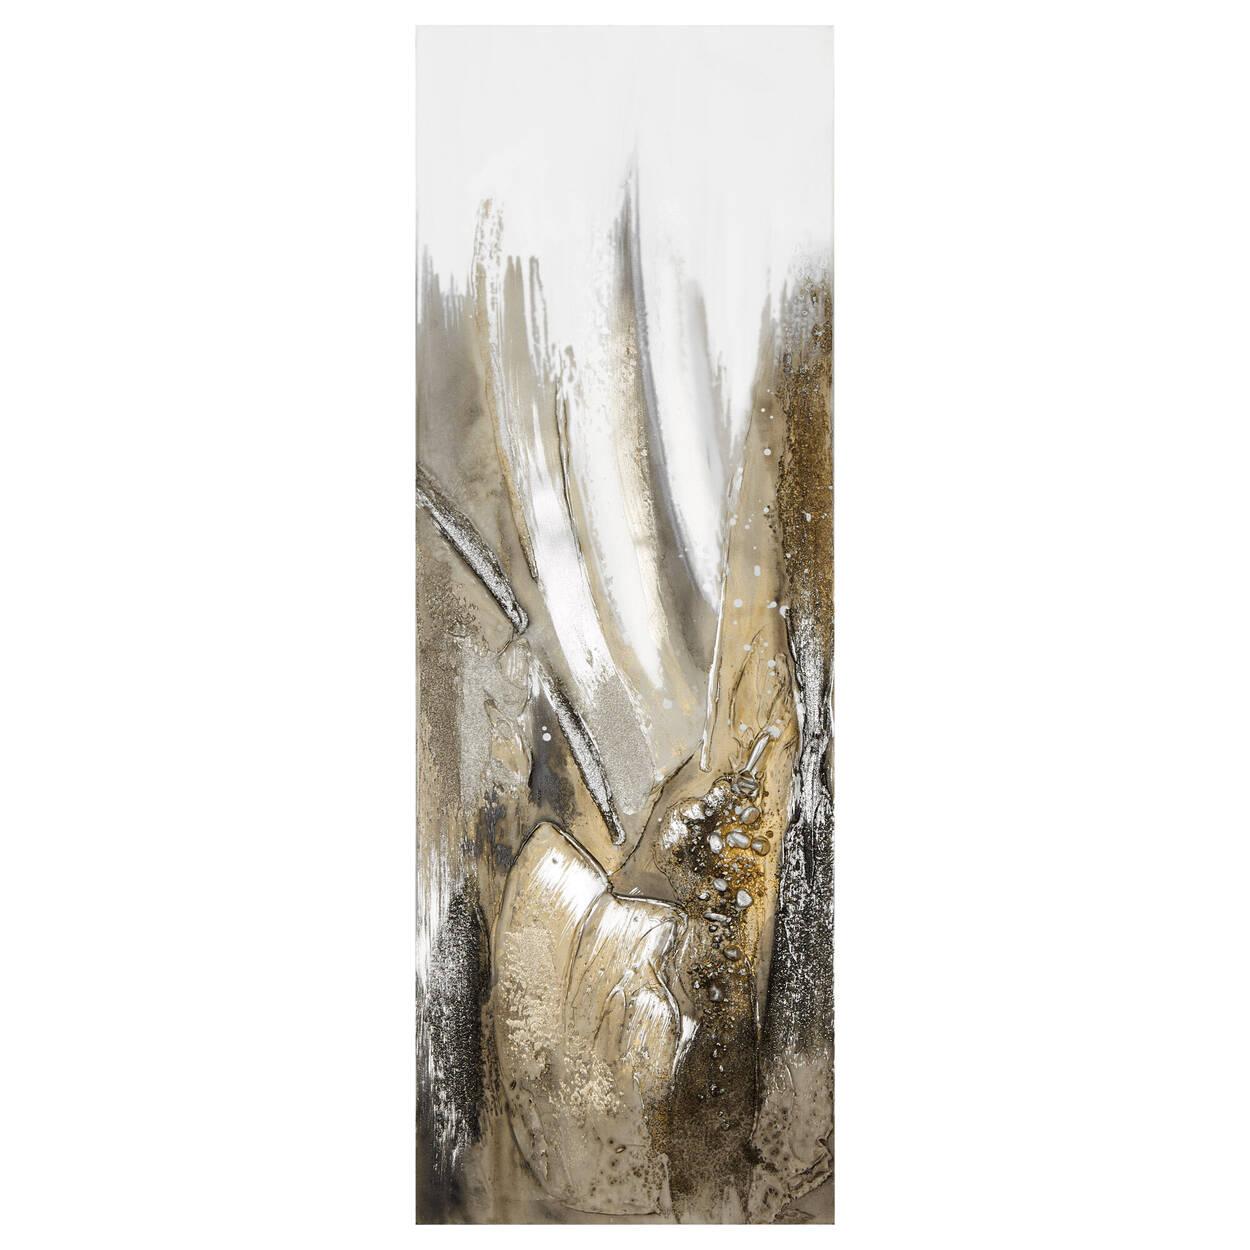 Tableau abstrait à texture dense peint à l'huile